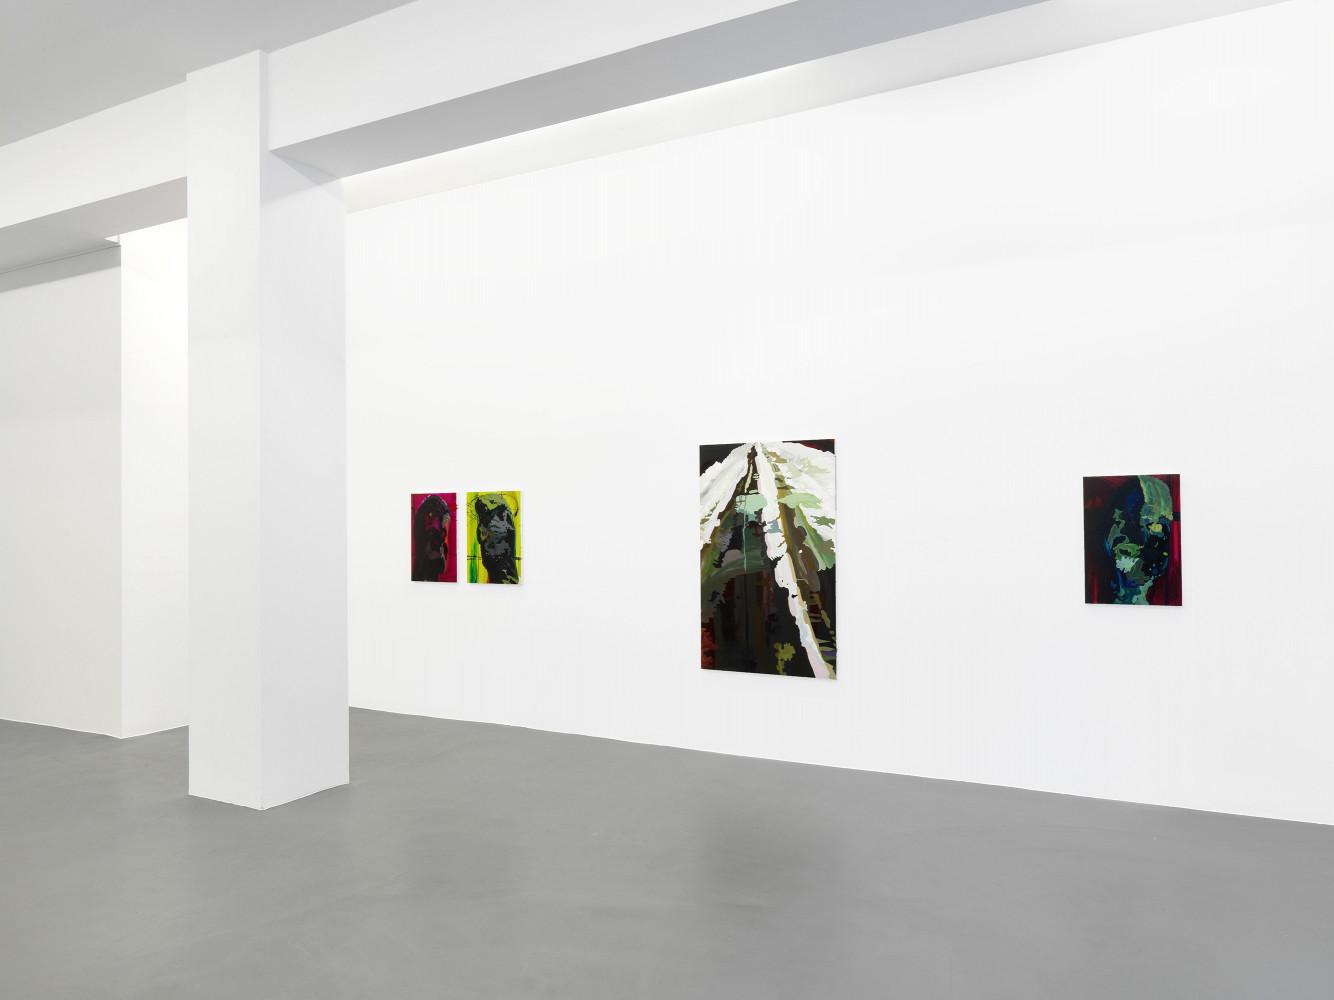 Clare Woods, 'The Dark Matter', Installation view, Buchmann Galerie, 2012